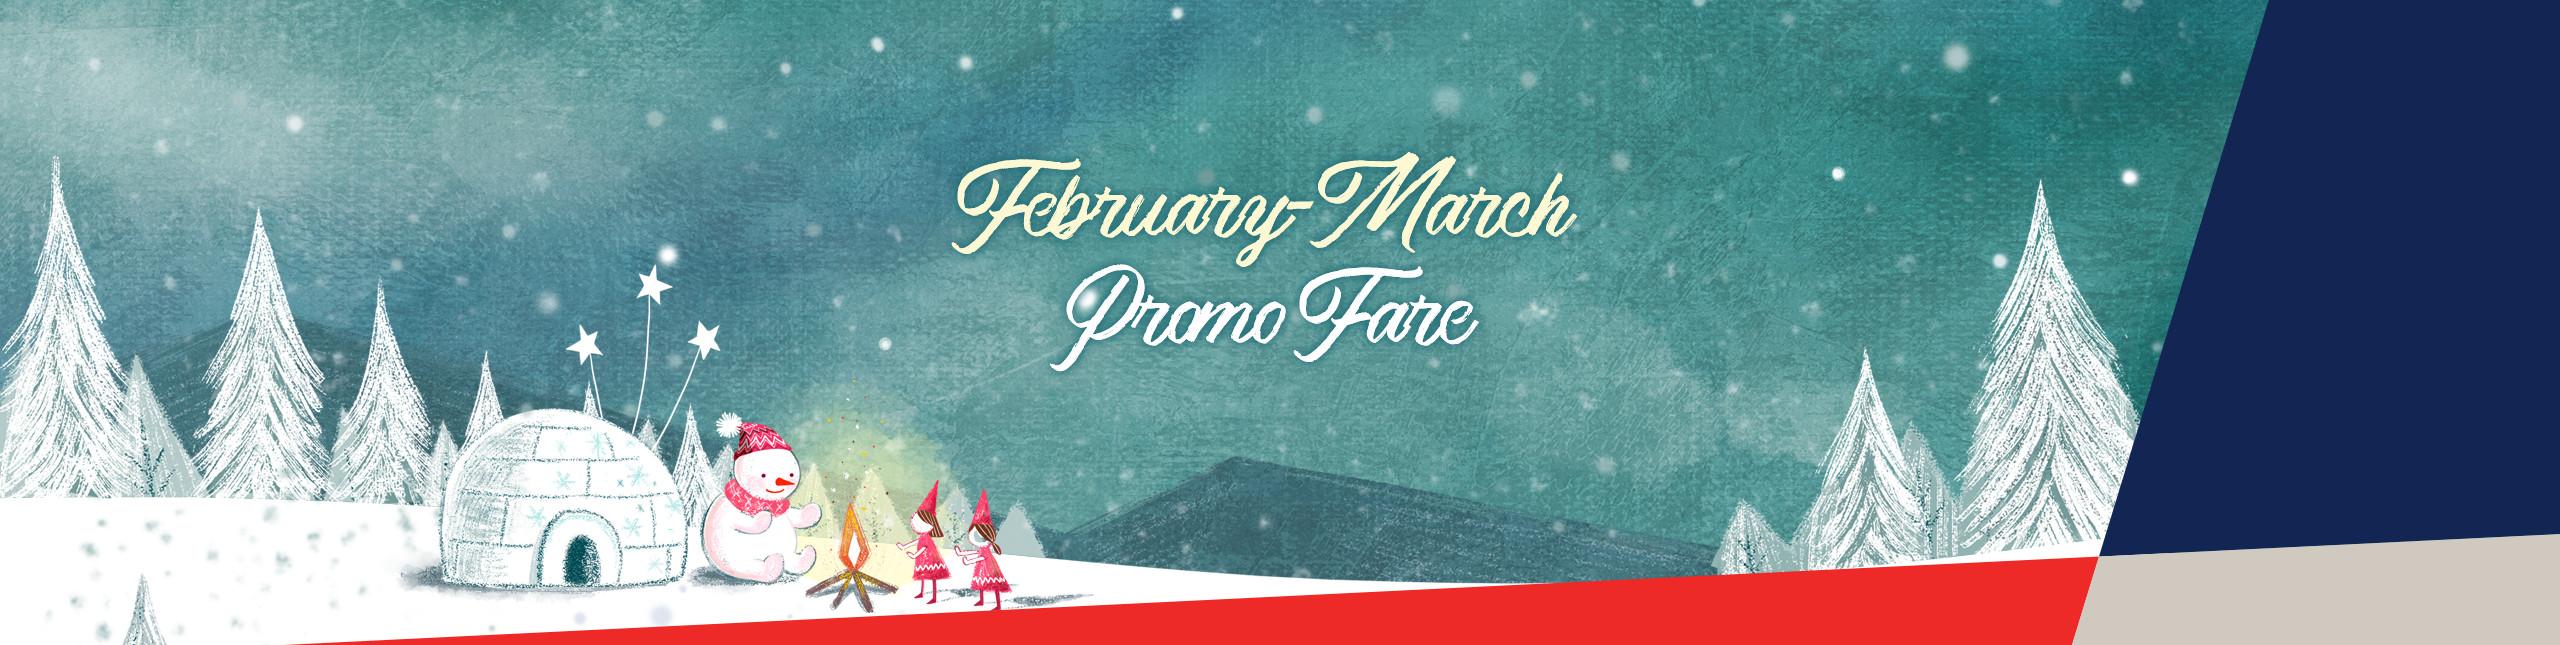 Feb2018 ~Mar2019 Promotion!